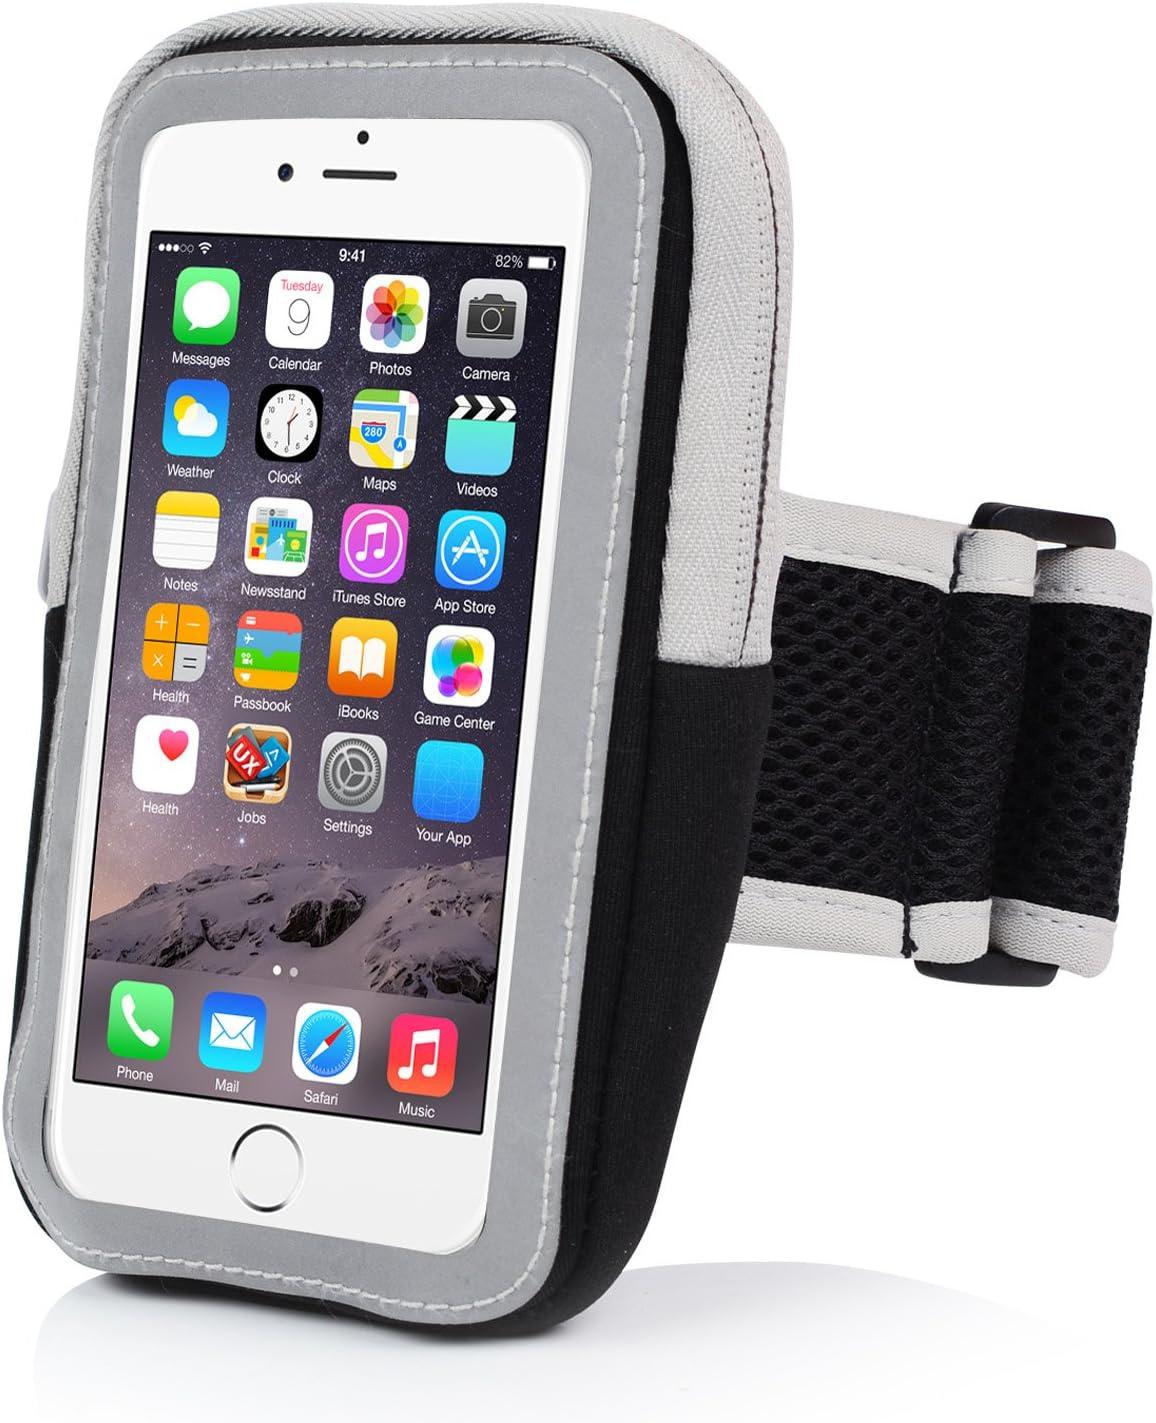 Brazalete SPORT iPhone 6/6S, – Funda Armband Case de Smartphone anti-sueur con correa ajustable y llavero Sweatproof para iphone 6/6S/Samsung Galaxy/Sony/Huawei inferior con 4.7